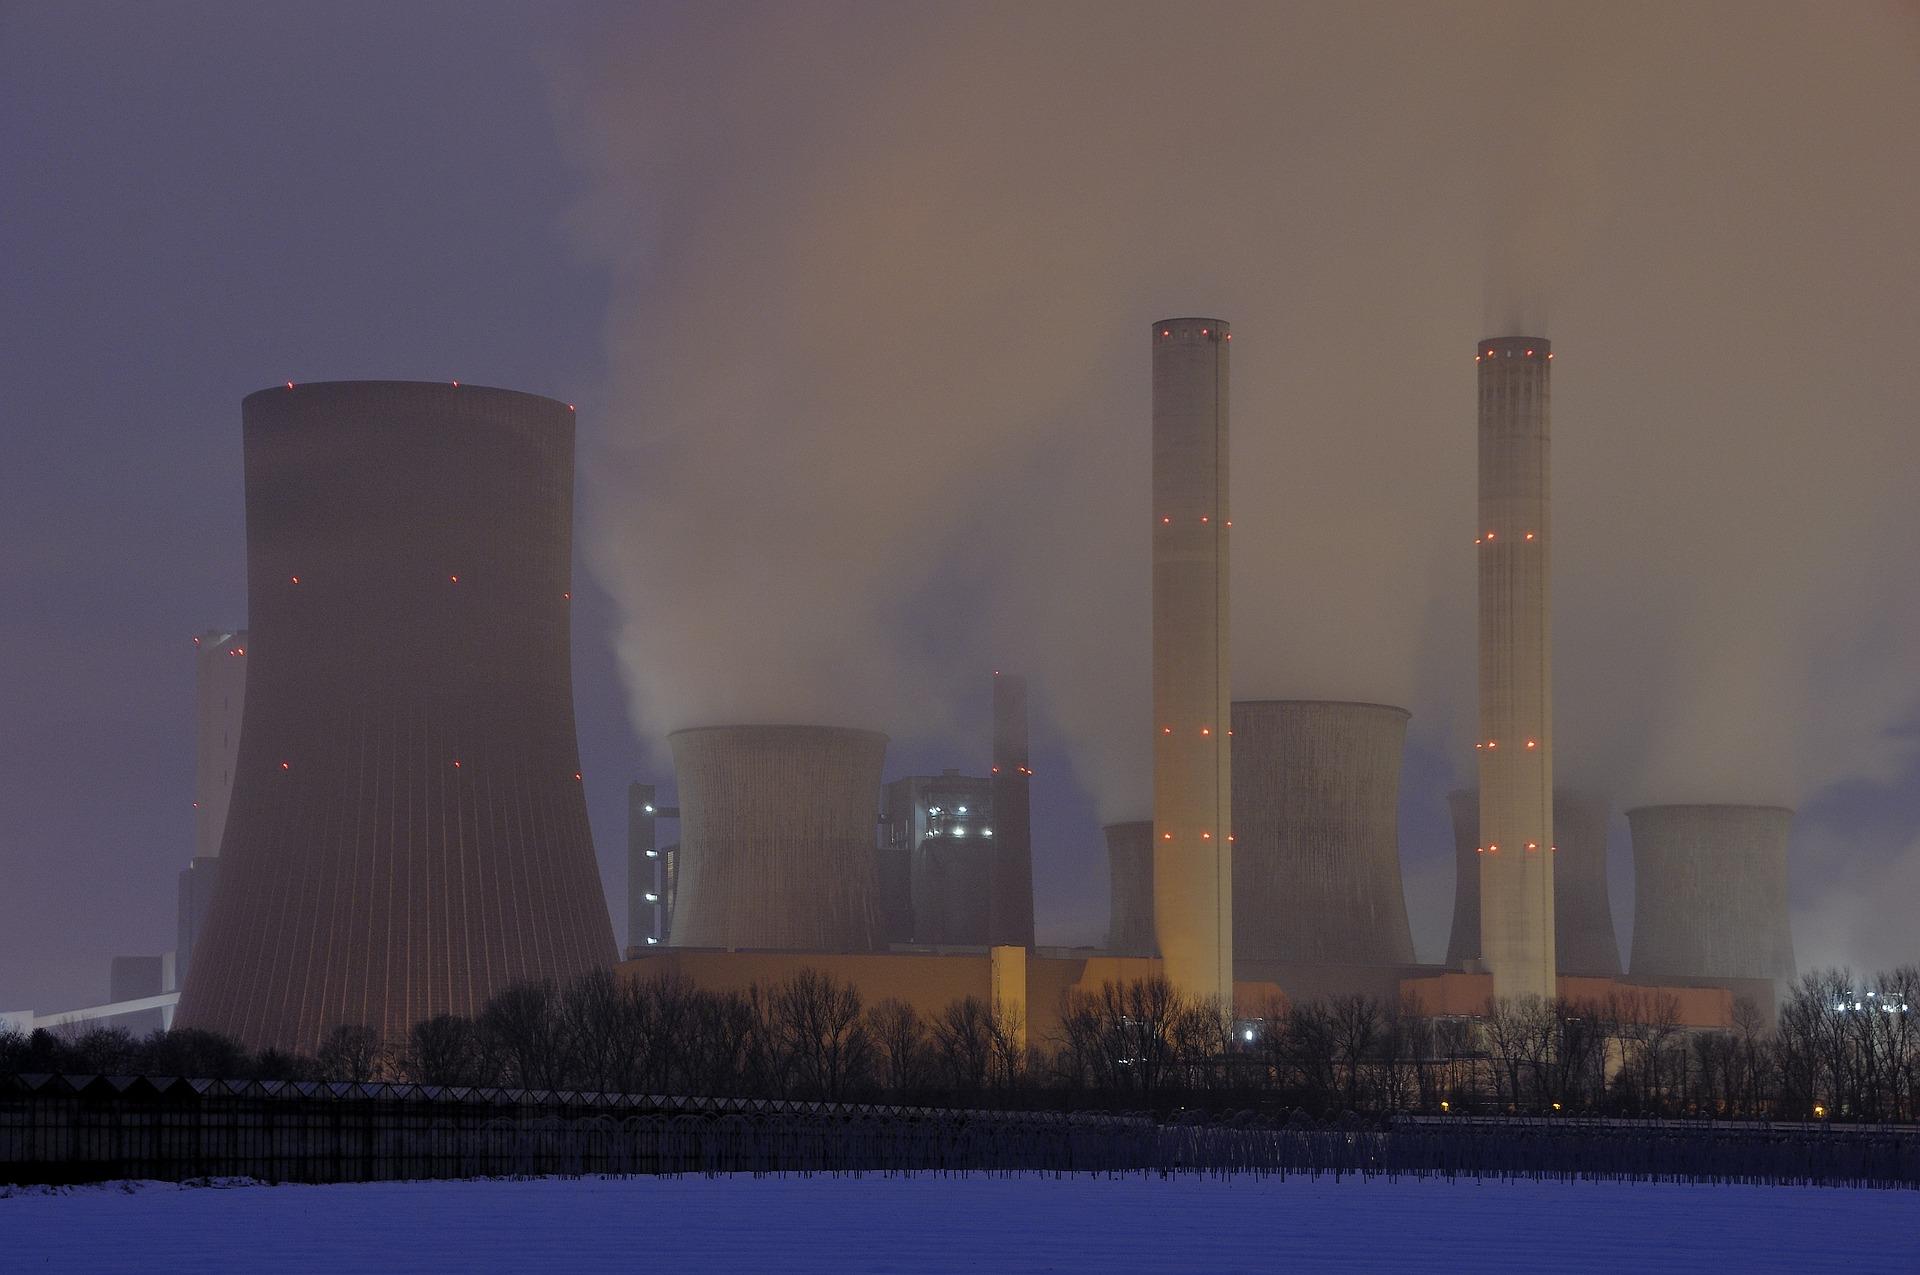 centrale nucléaire pixabay